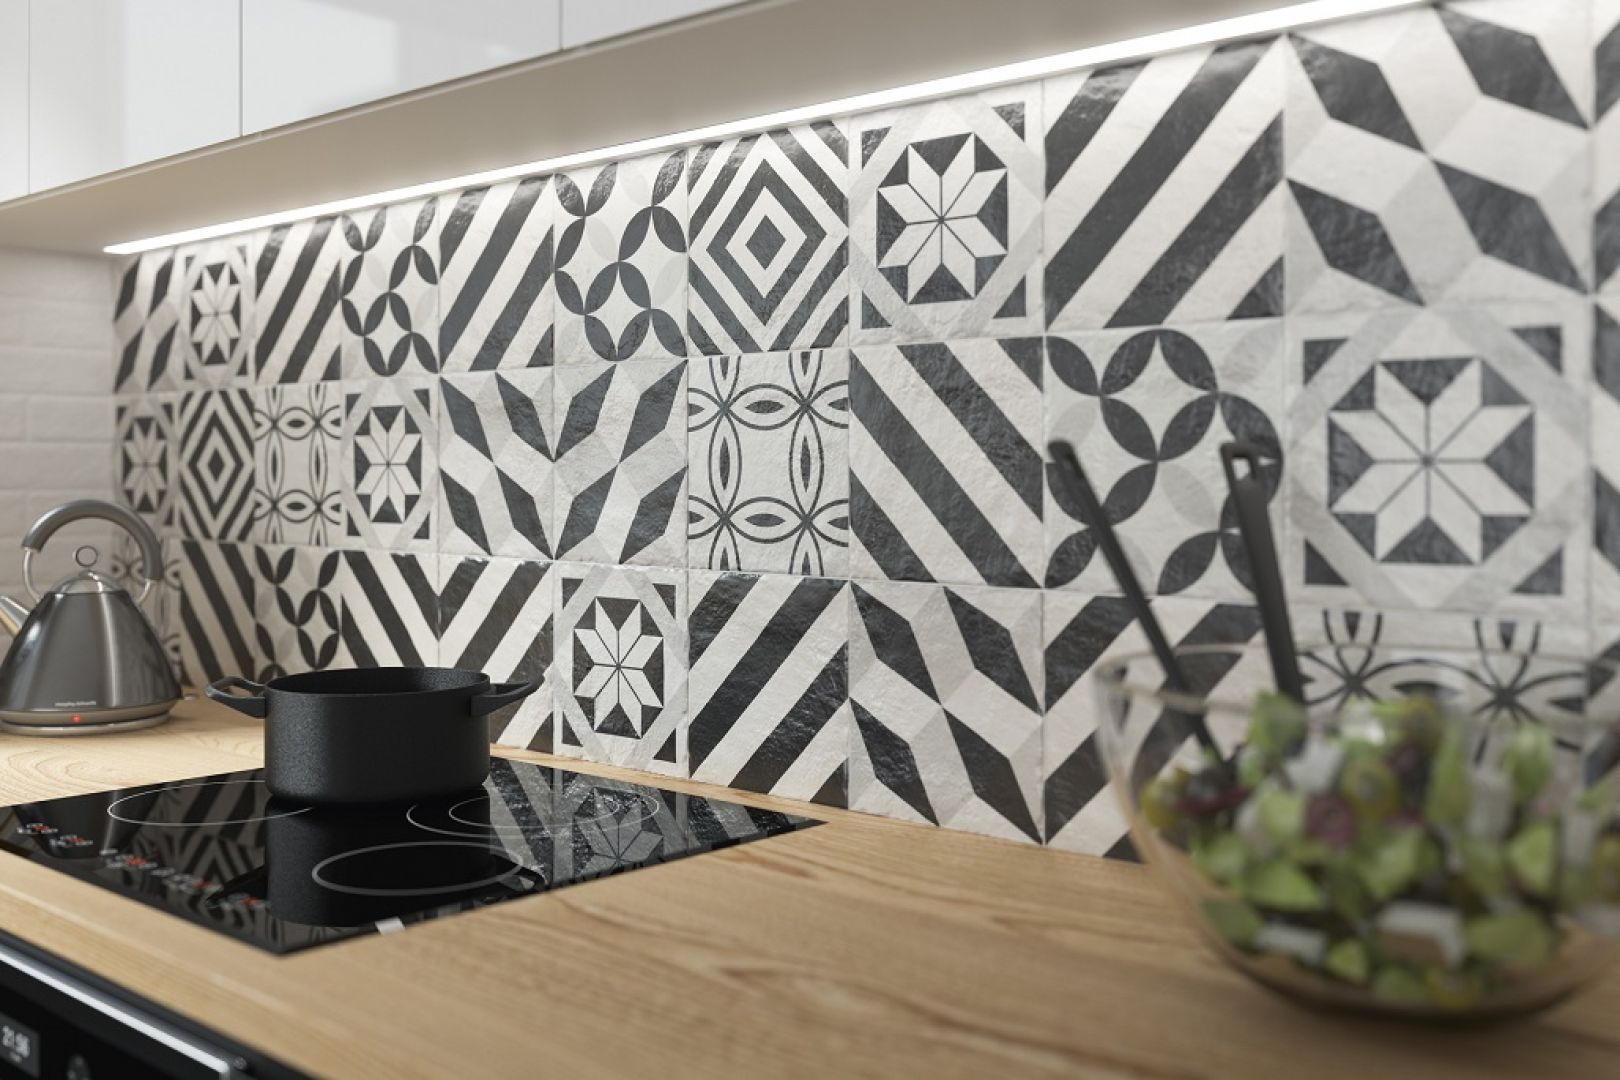 Czarno-białe grafiki na niewielkim formacie sprawdzą się_ jako element dekoracyjny w każdym pomieszczeniu. Fot. Ceramika Paradyż